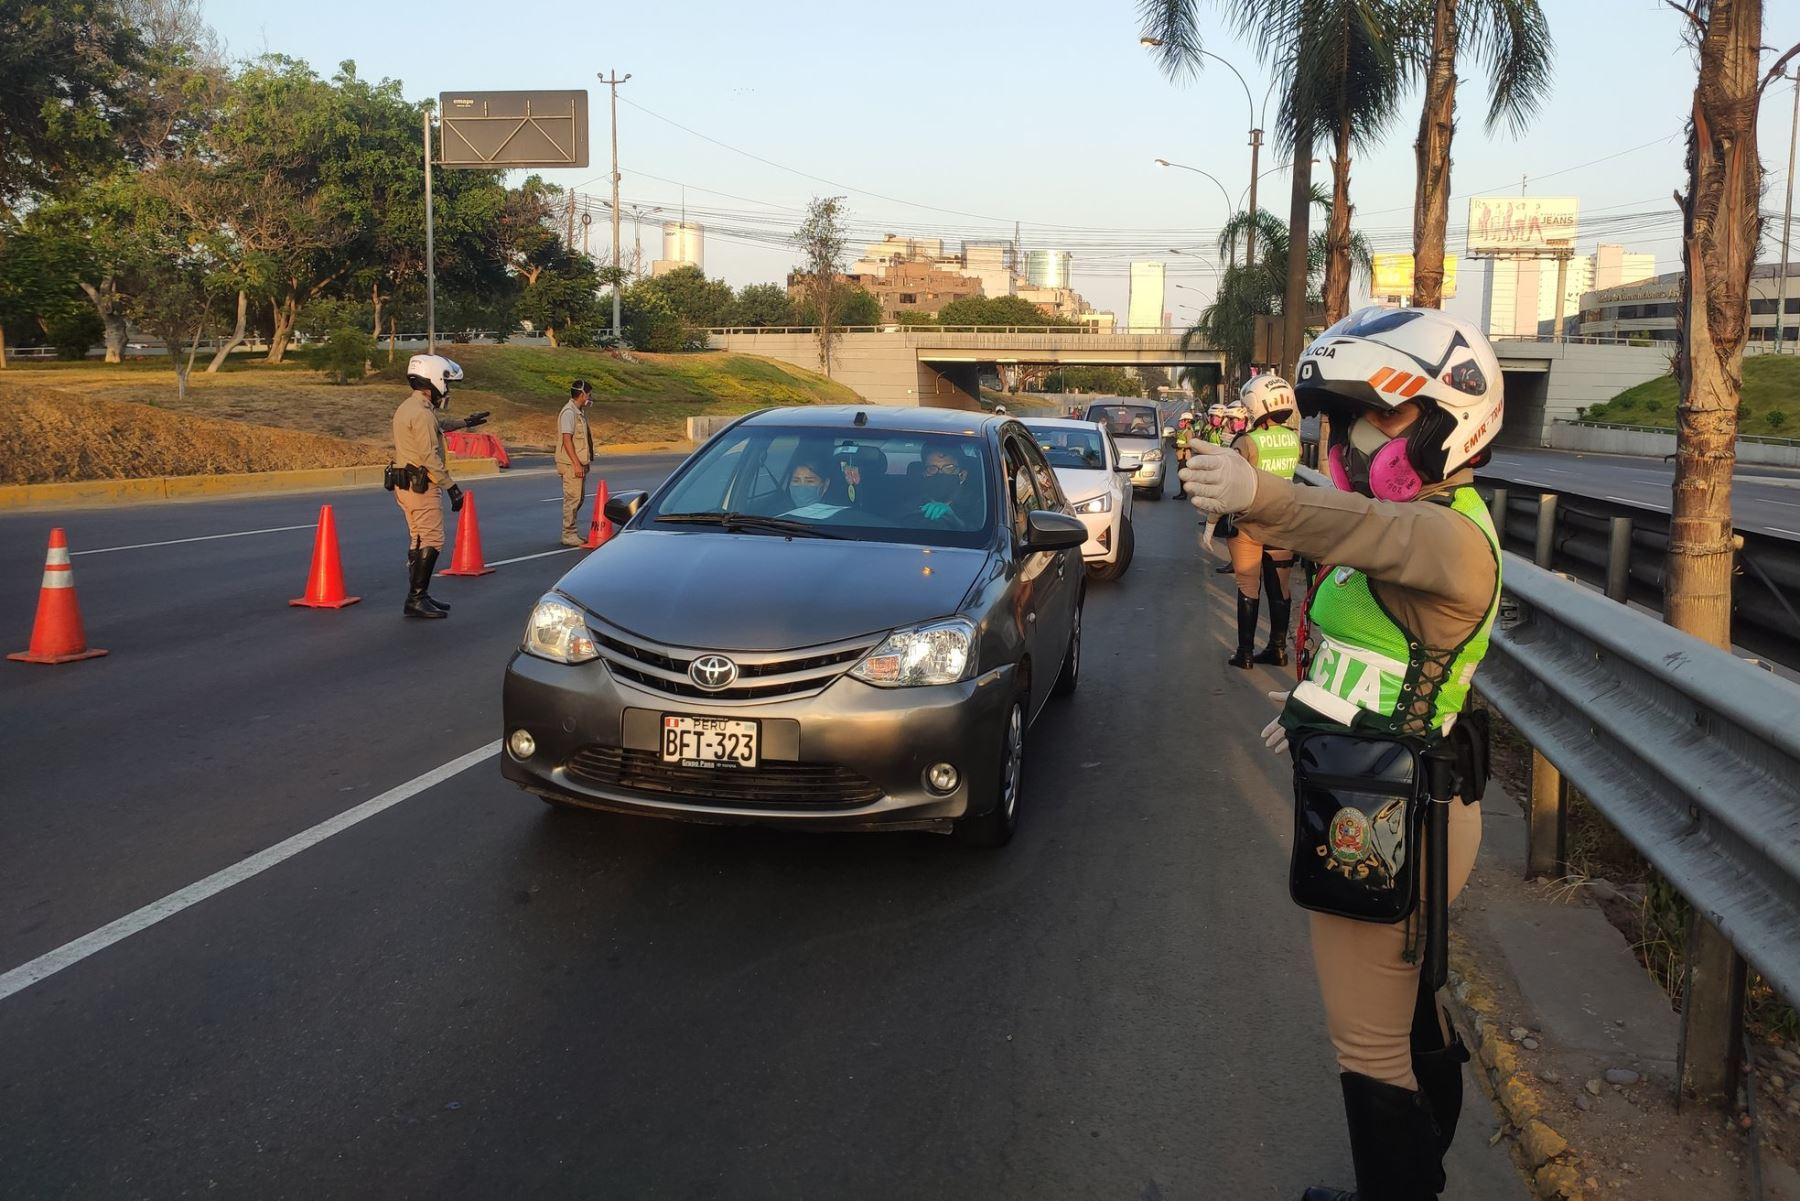 Vehículos particulares solo circularán dentro del distrito para compras esenciales. Foto: ANDINA/Vidal Tarqui